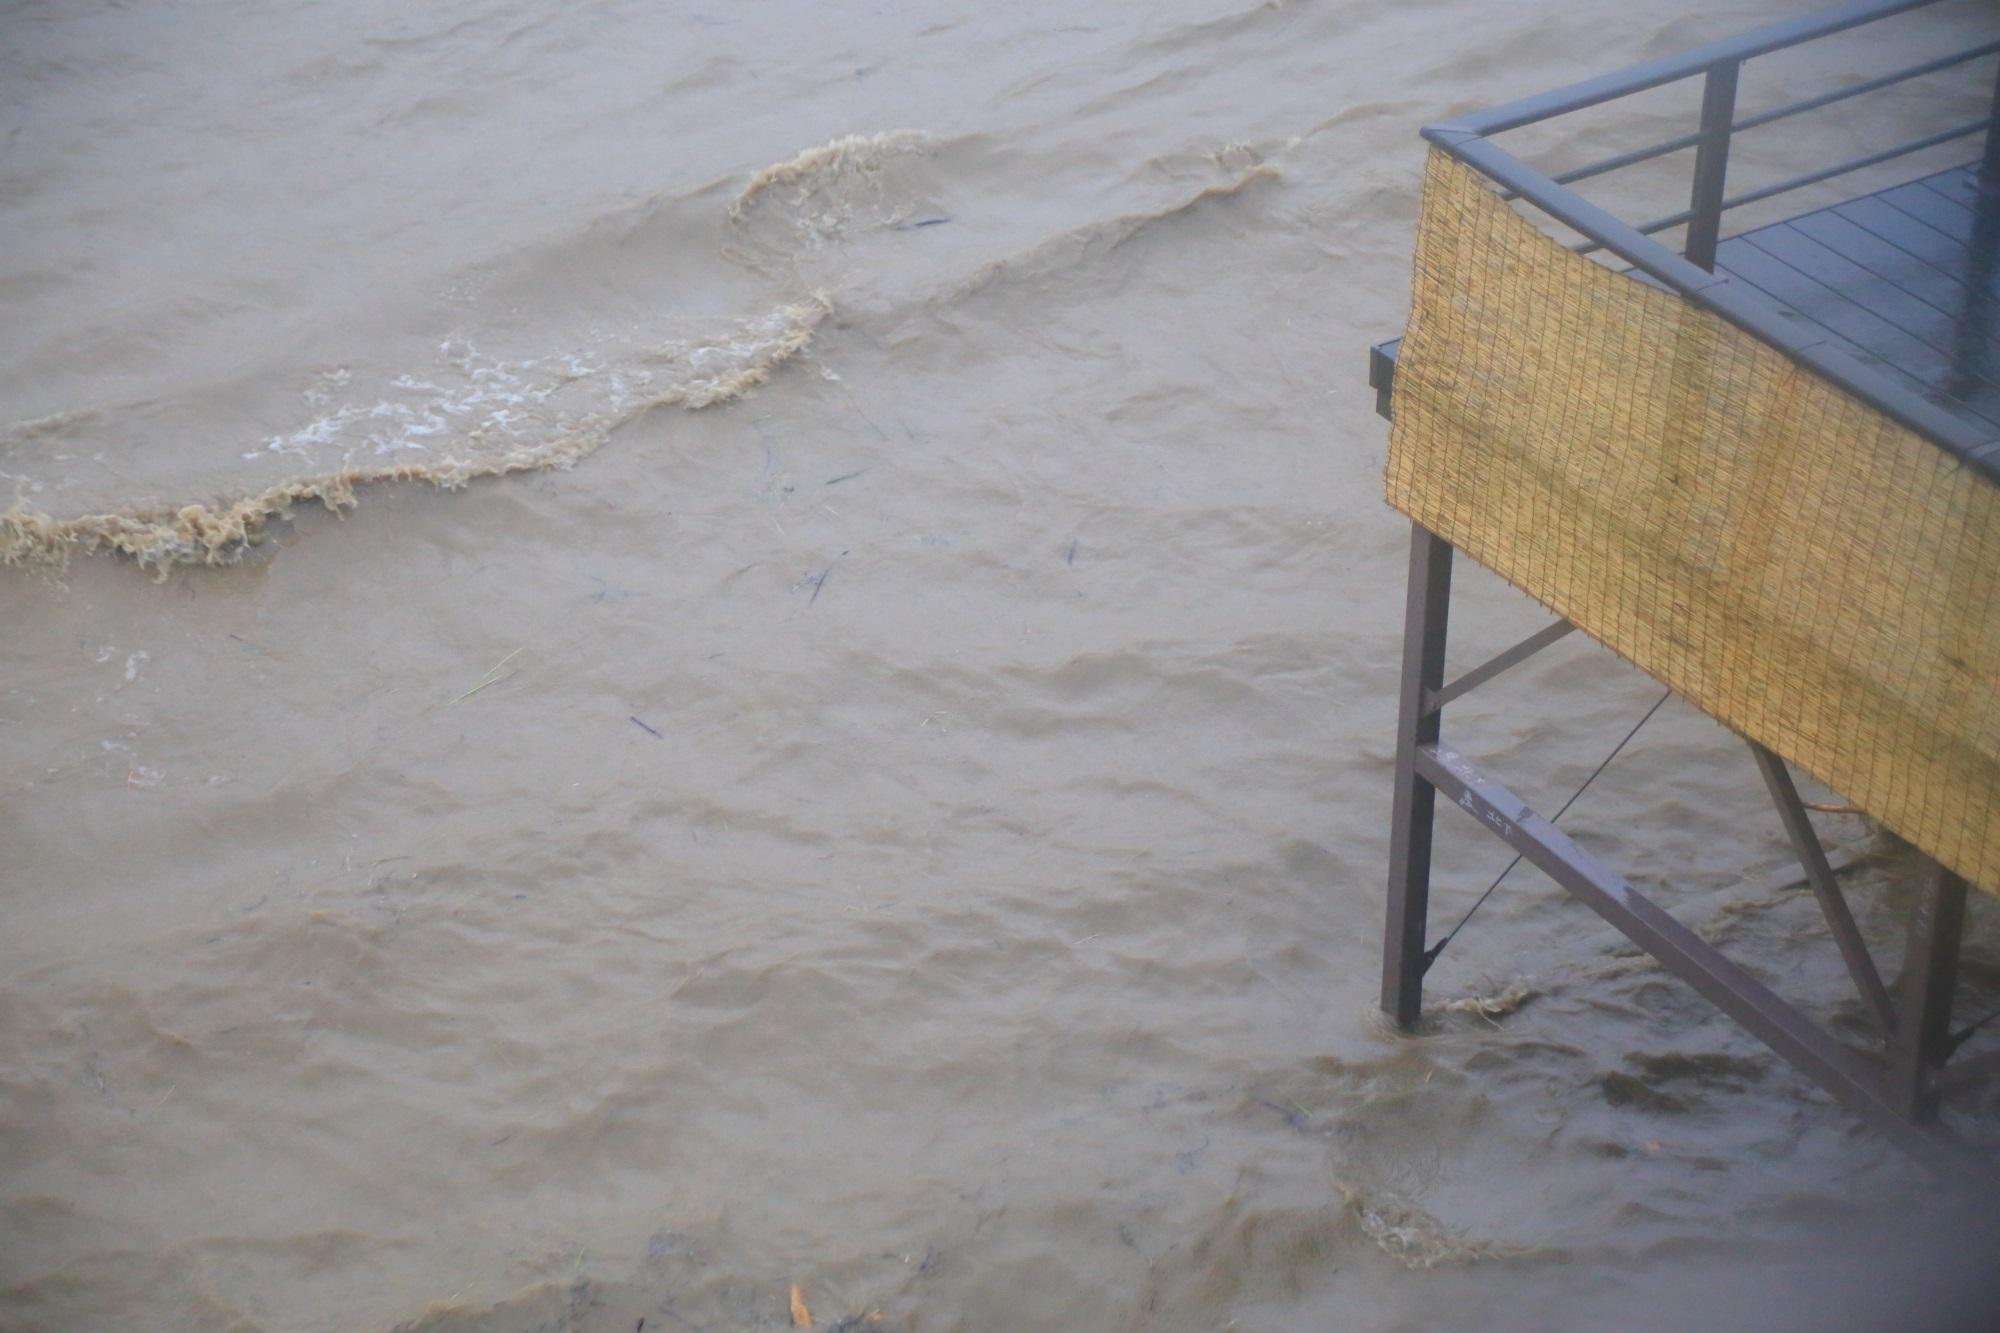 鴨川が増水して水に浸かりそうな川床